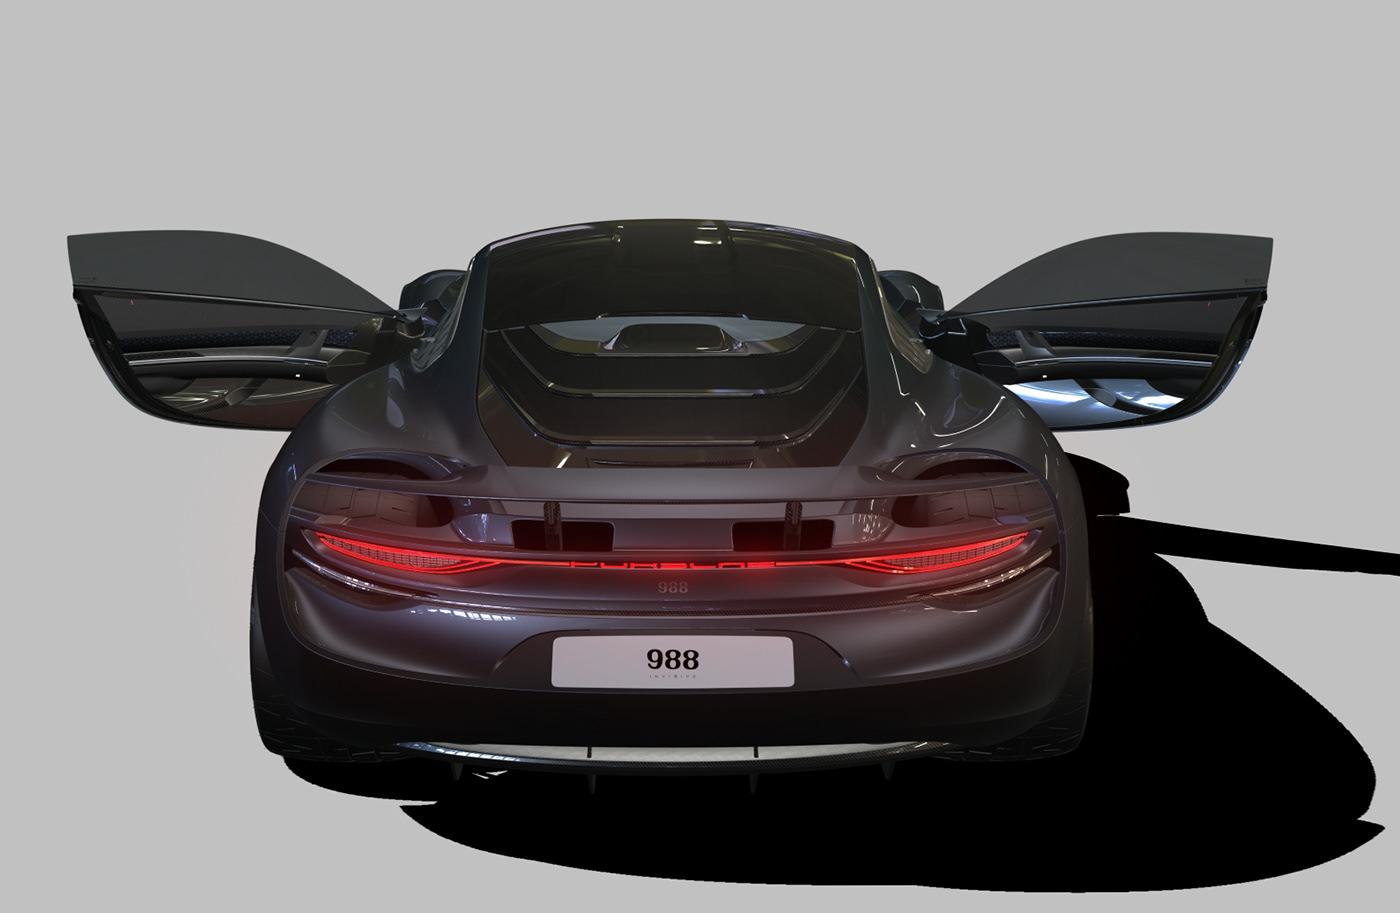 Porsche 988 Vision Design On Behance